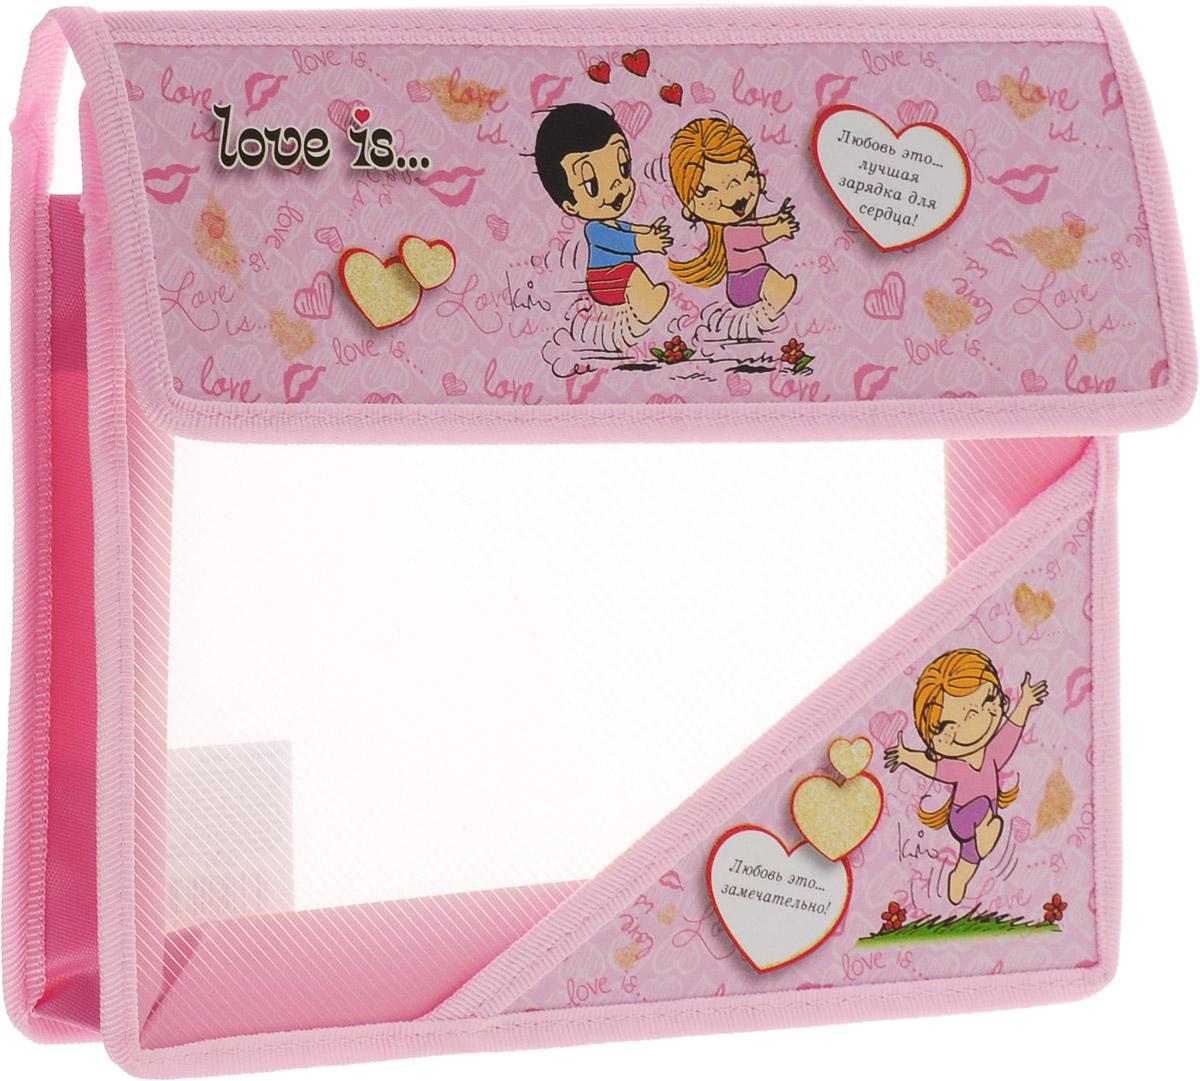 Action! Папка для тетрадей Love is цвет розовыйLI-FA5_розовыйПапка Action! Love is предназначена для хранения тетрадей, рисунков и прочих бумаг с максимальным форматом А5. Папка выполнена из прочного материала и содержит одно отделение. Закрывается она клапаном на липучку. С папкой Action! Love is тетради вашего ребенка всегда будут выглядеть опрятно.